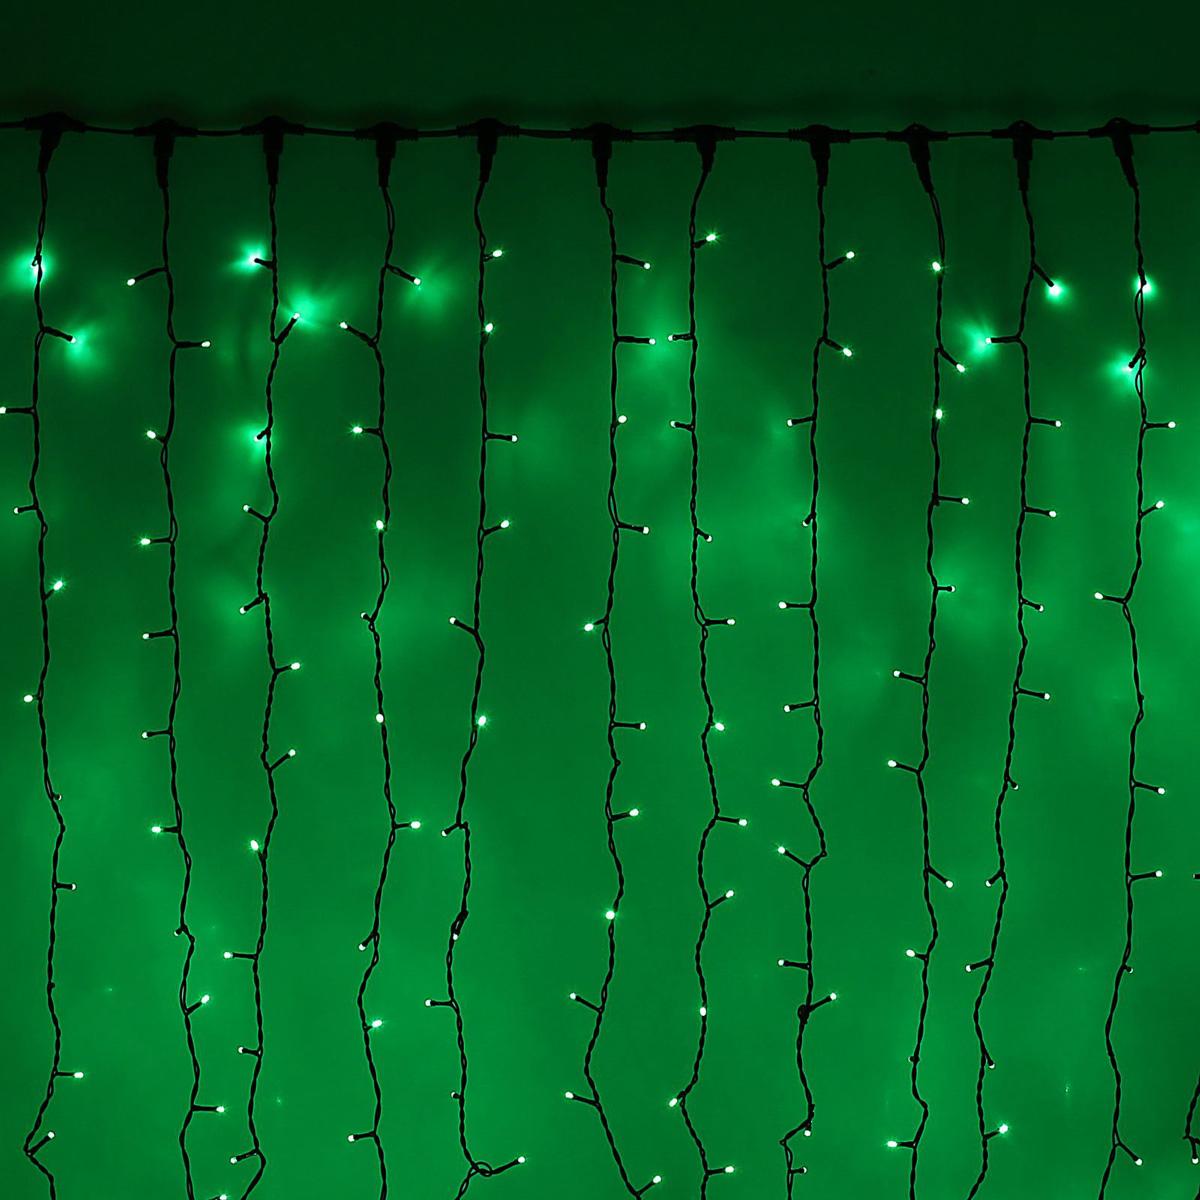 Гирлянда светодиодная Luazon Занавес, цвет: зеленый, уличная, 1440 ламп, 220 V, 2 х 6 м. 10802821080282Светодиодные гирлянды и ленты — это отличный вариант для новогоднего оформления интерьера или фасада. С их помощью помещение любого размера можно превратить в праздничный зал, а внешние элементы зданий, украшенные ими, мгновенно станут напоминать очертания сказочного дворца. Такие украшения создают ауру предвкушения чуда. Деревья, фасады, витрины, окна и арки будто специально созданы, чтобы вы украсили их светящимися нитями.